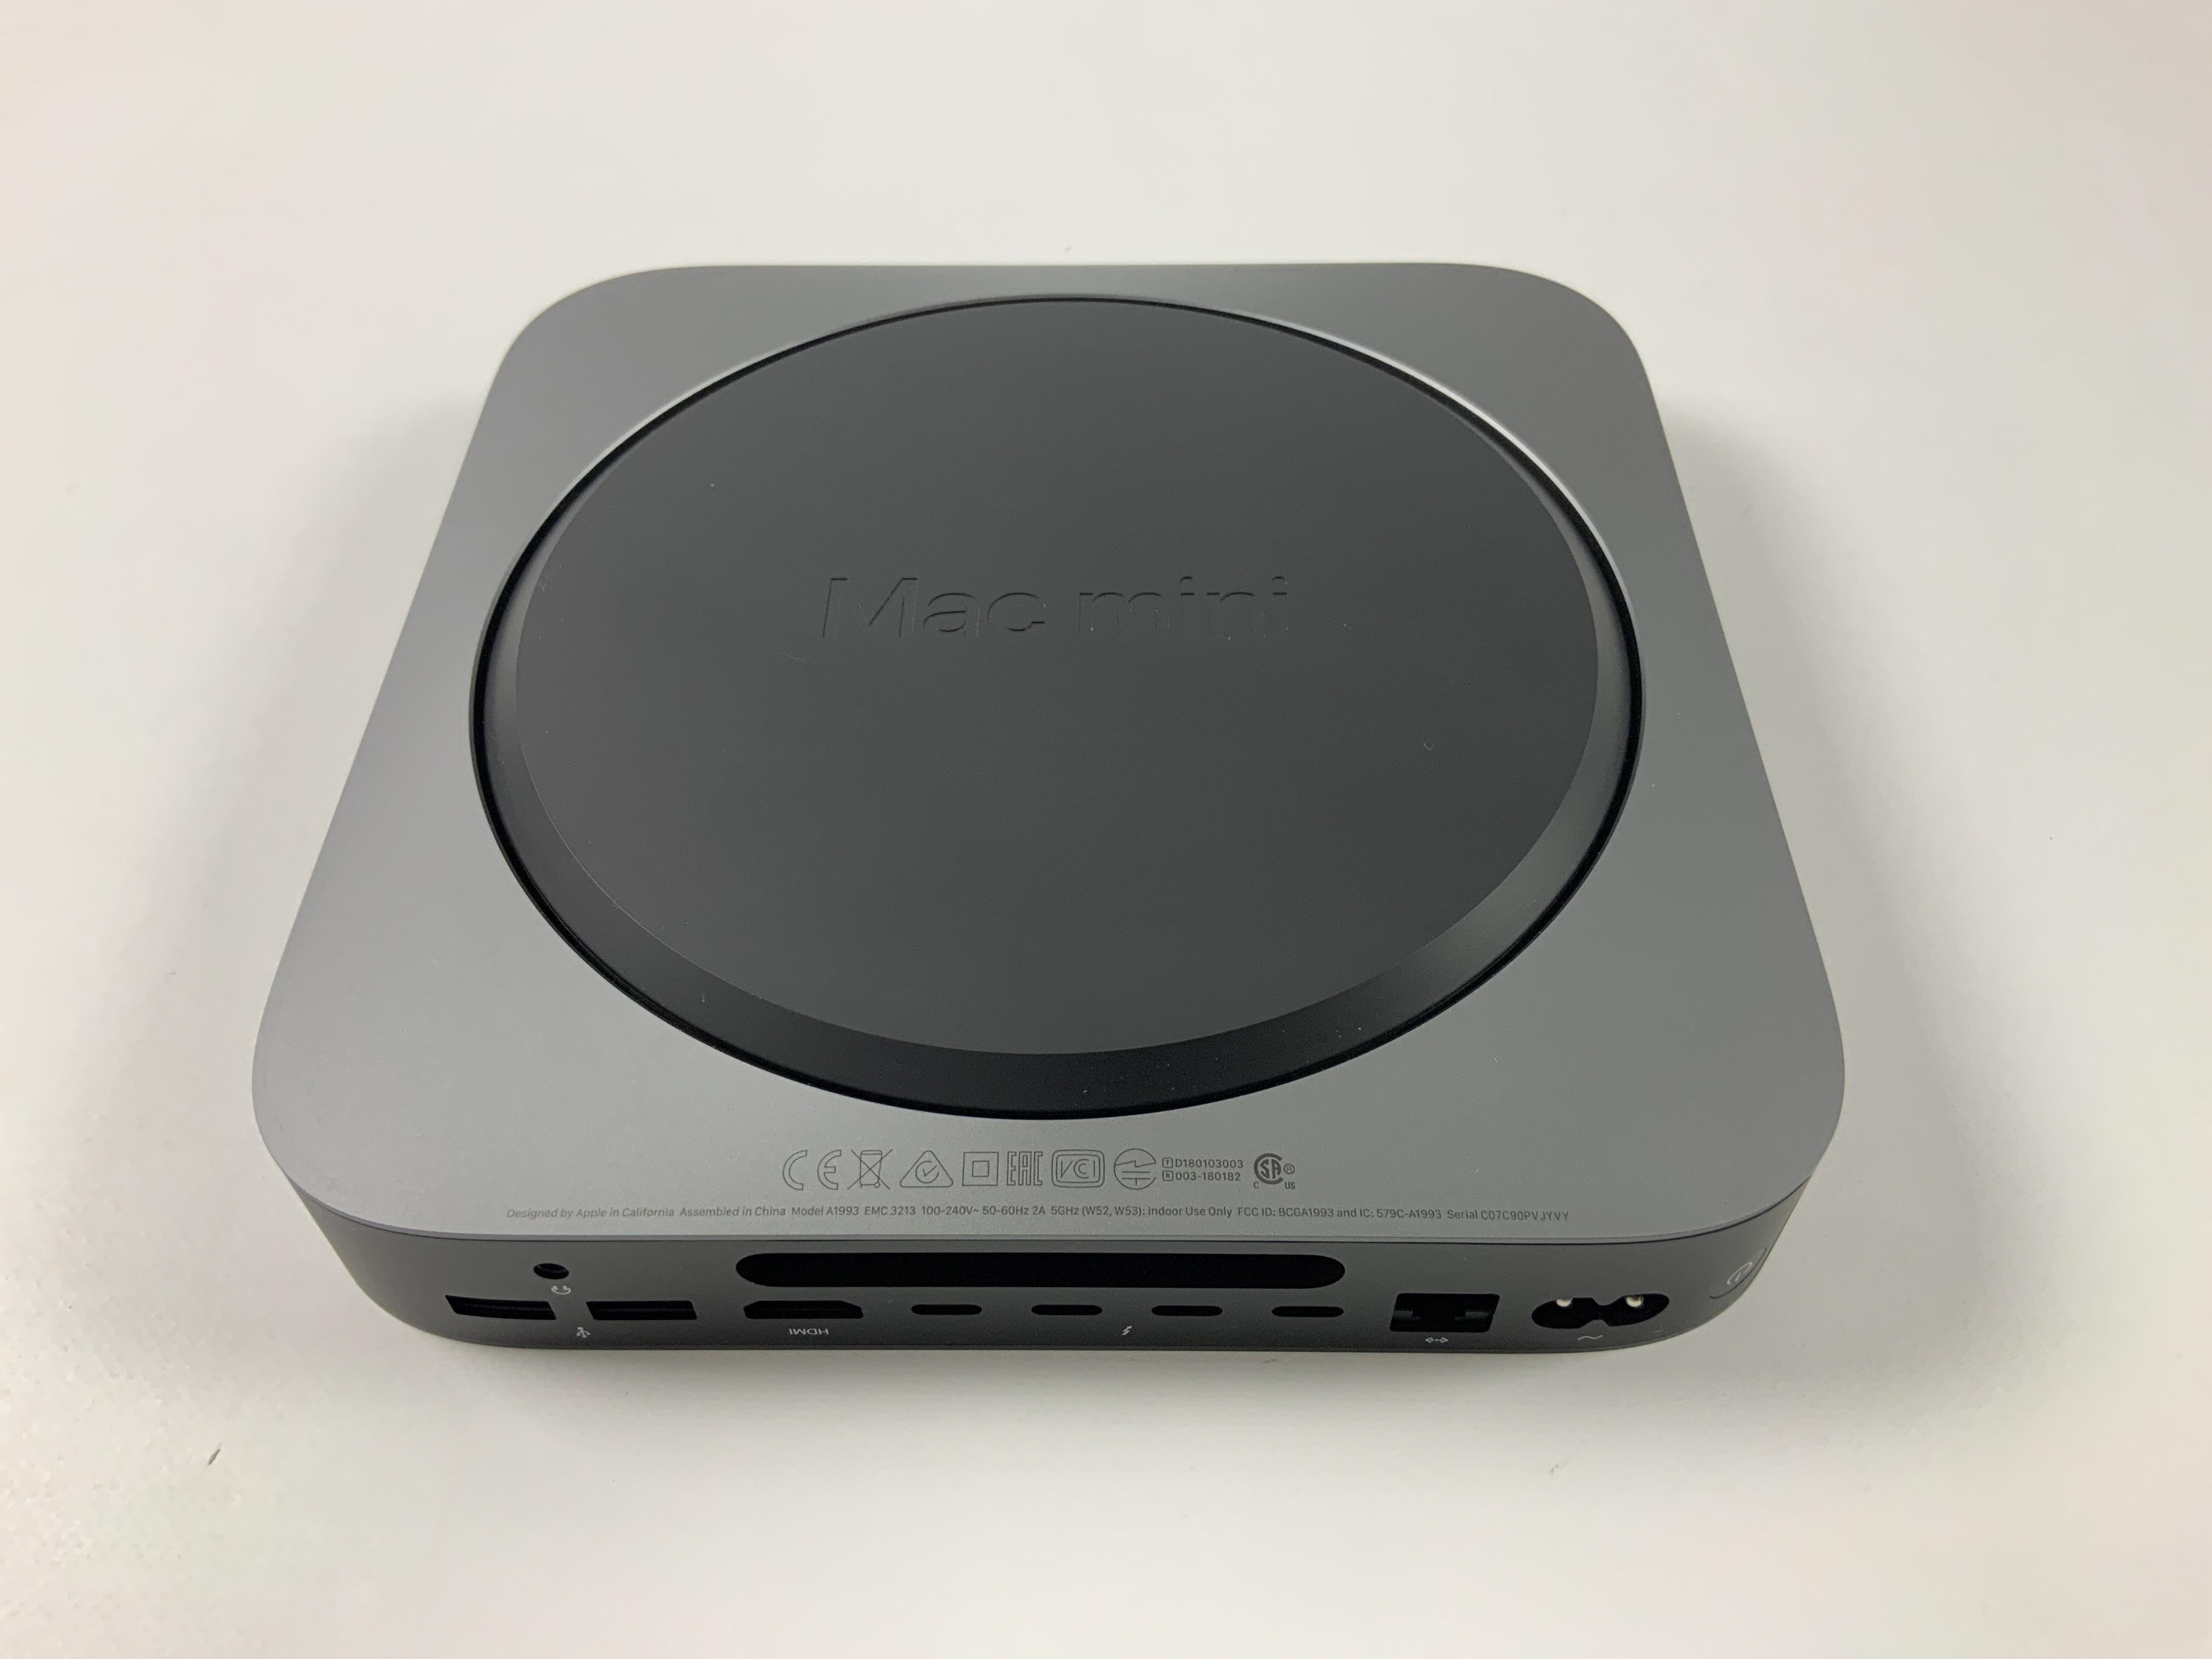 Mac Mini Late 2018 (Intel 6-Core i7 3.2 GHz 32 GB RAM 256 GB SSD), Intel 6-Core i7 3.2 GHz, 32 GB RAM, 256 GB SSD, image 2